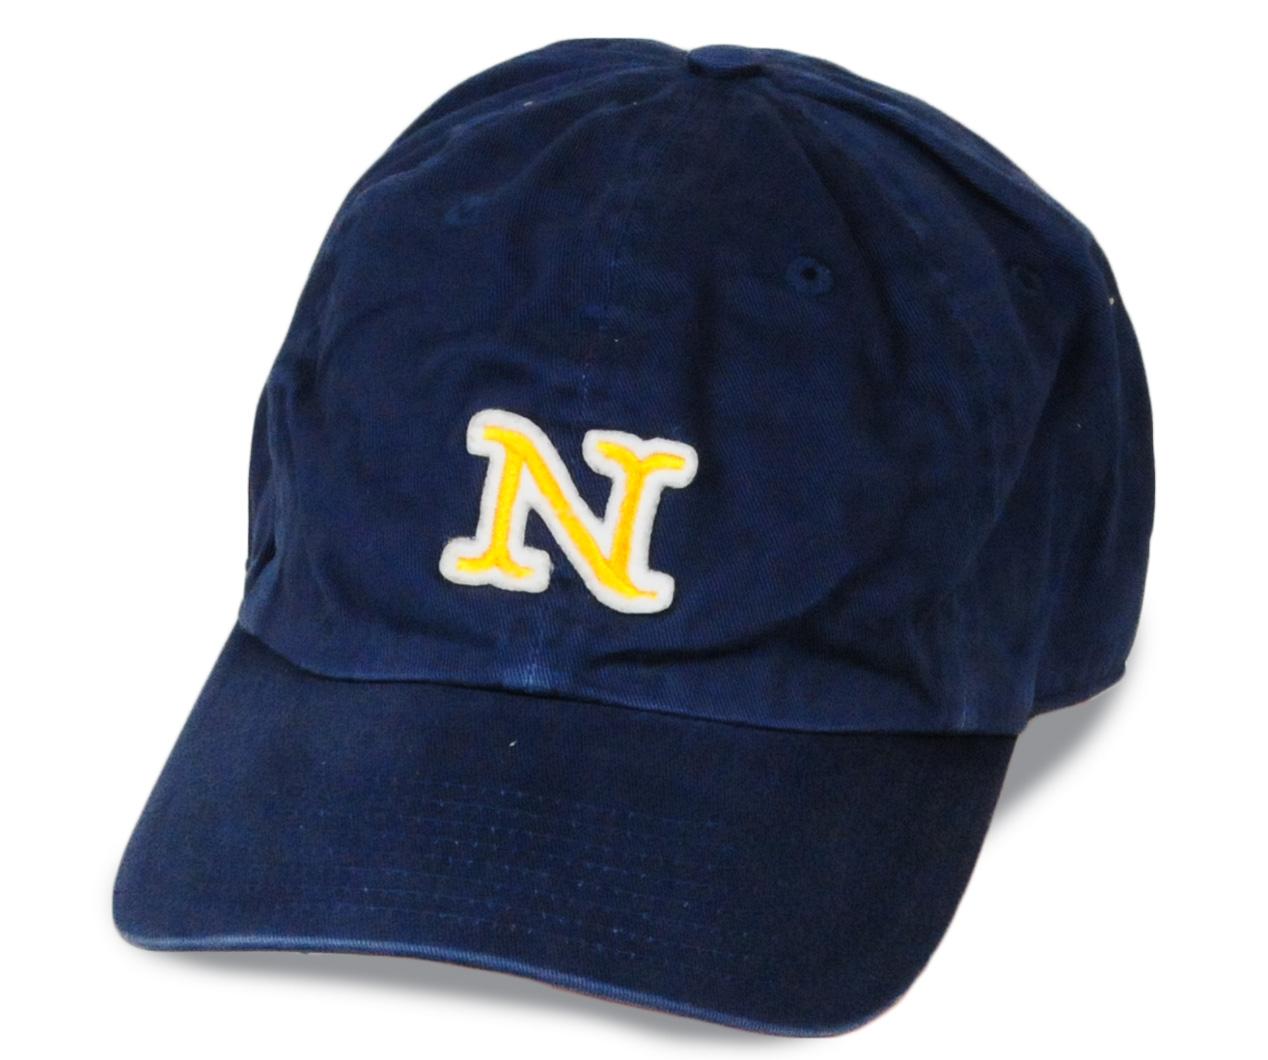 Бейсболка студента-спортсмена - купить по лучшей цене